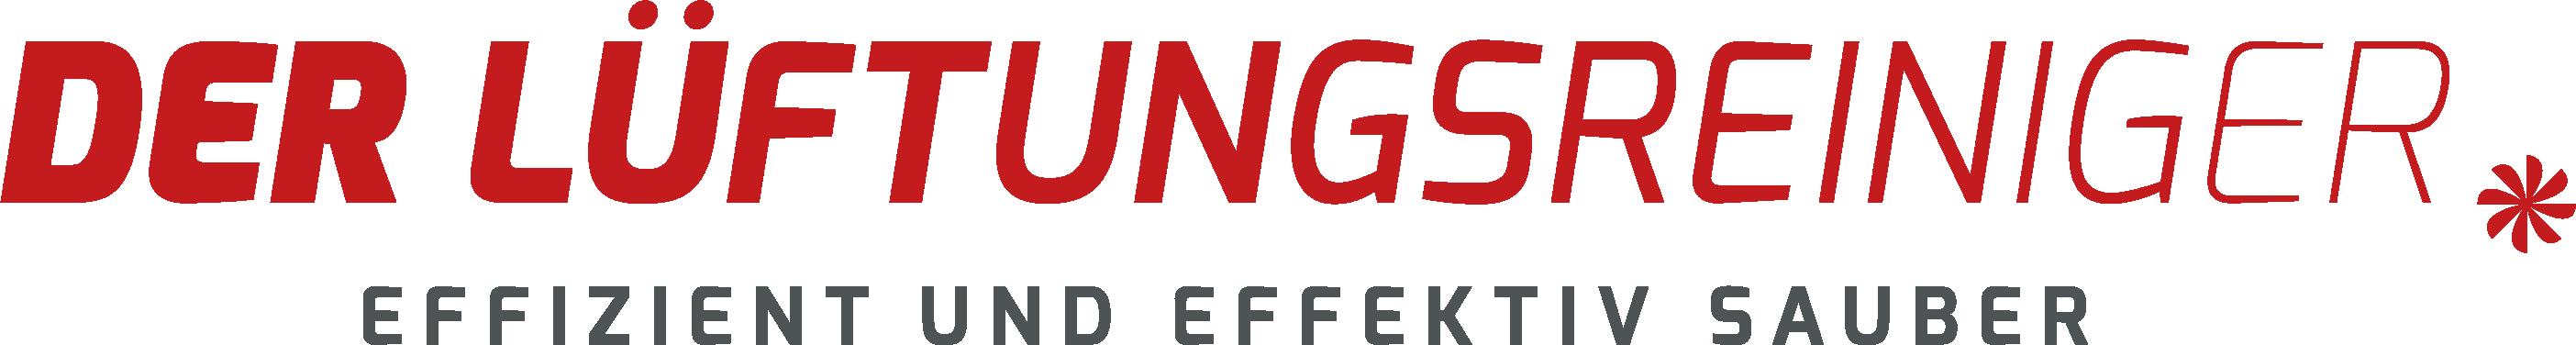 Der Lüftungsreiniger: Logo Rot